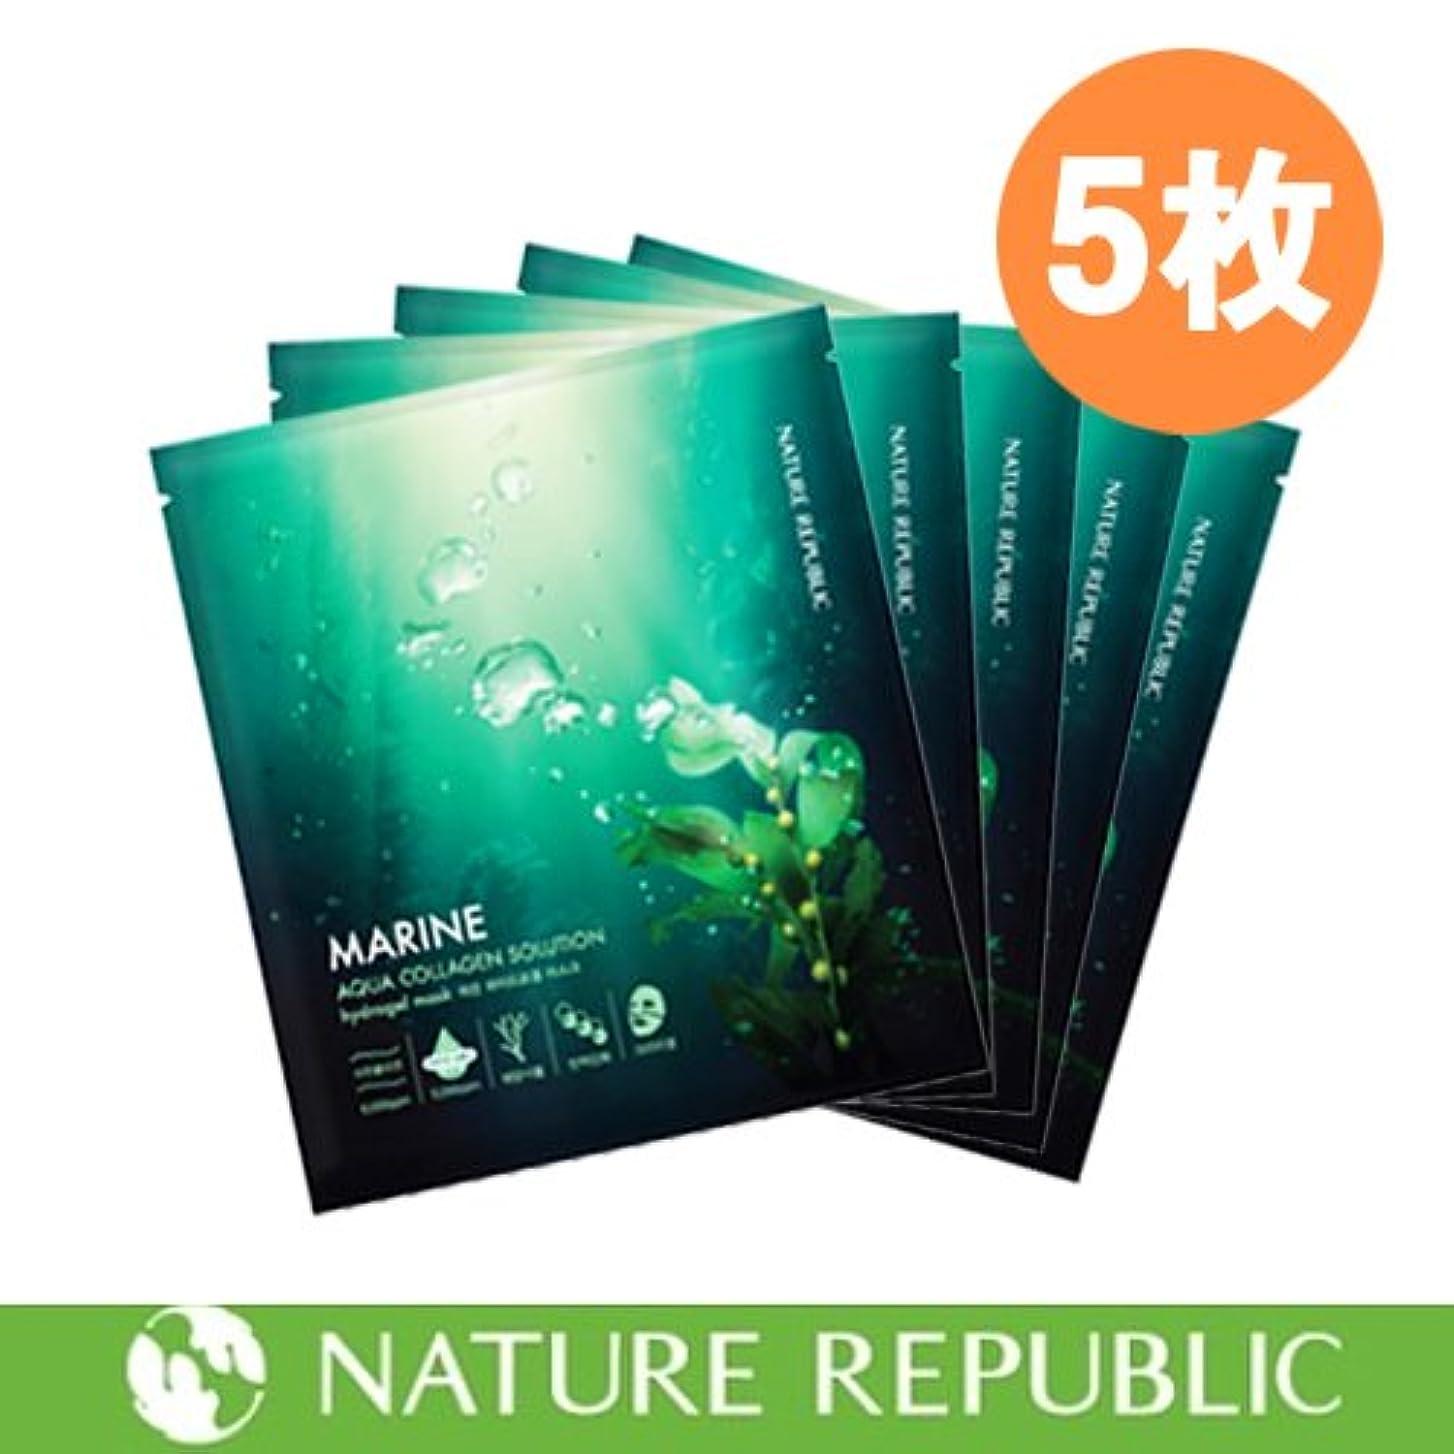 最大この自分NATURE REPUBLIC(ネイチャーリパブリック) Aqua Collagen アクアコラーゲンソリューション マリン ハイドロ ゲル マスク 5枚セット[海外直送品]